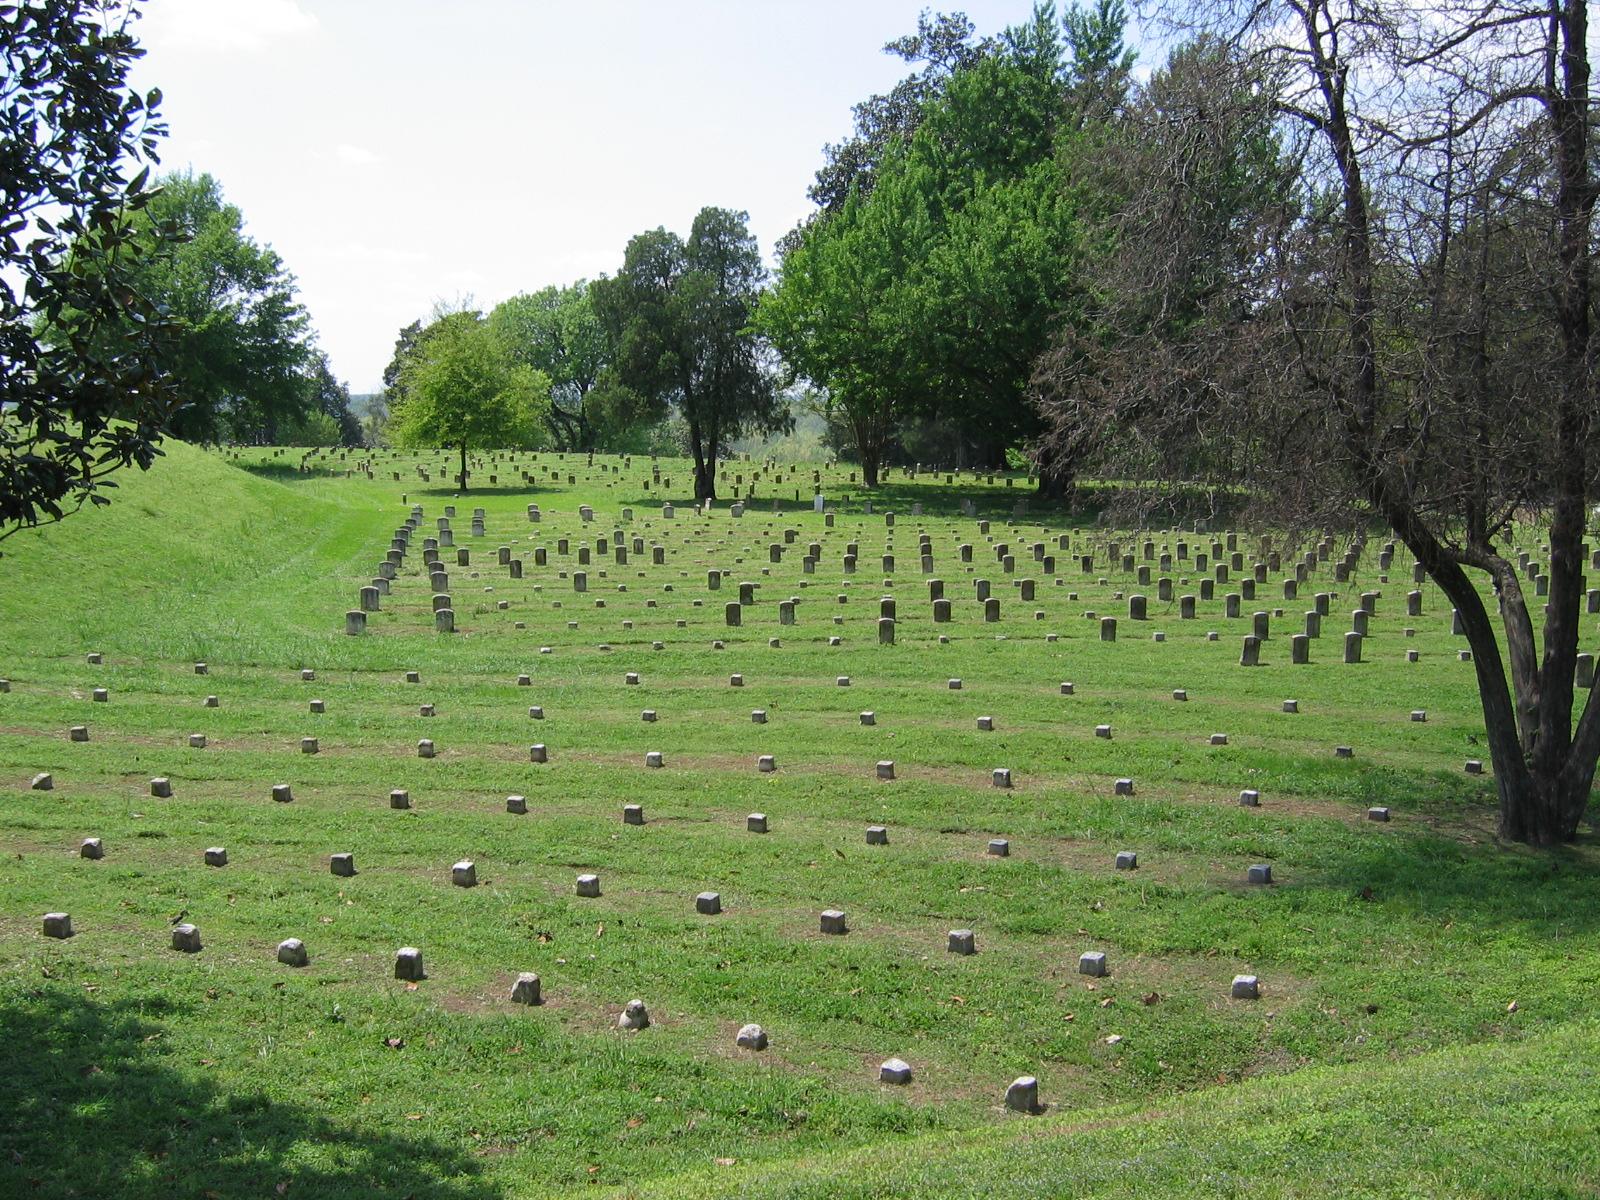 Ein Schlachtfeld erzeugt viele Friedhöfe